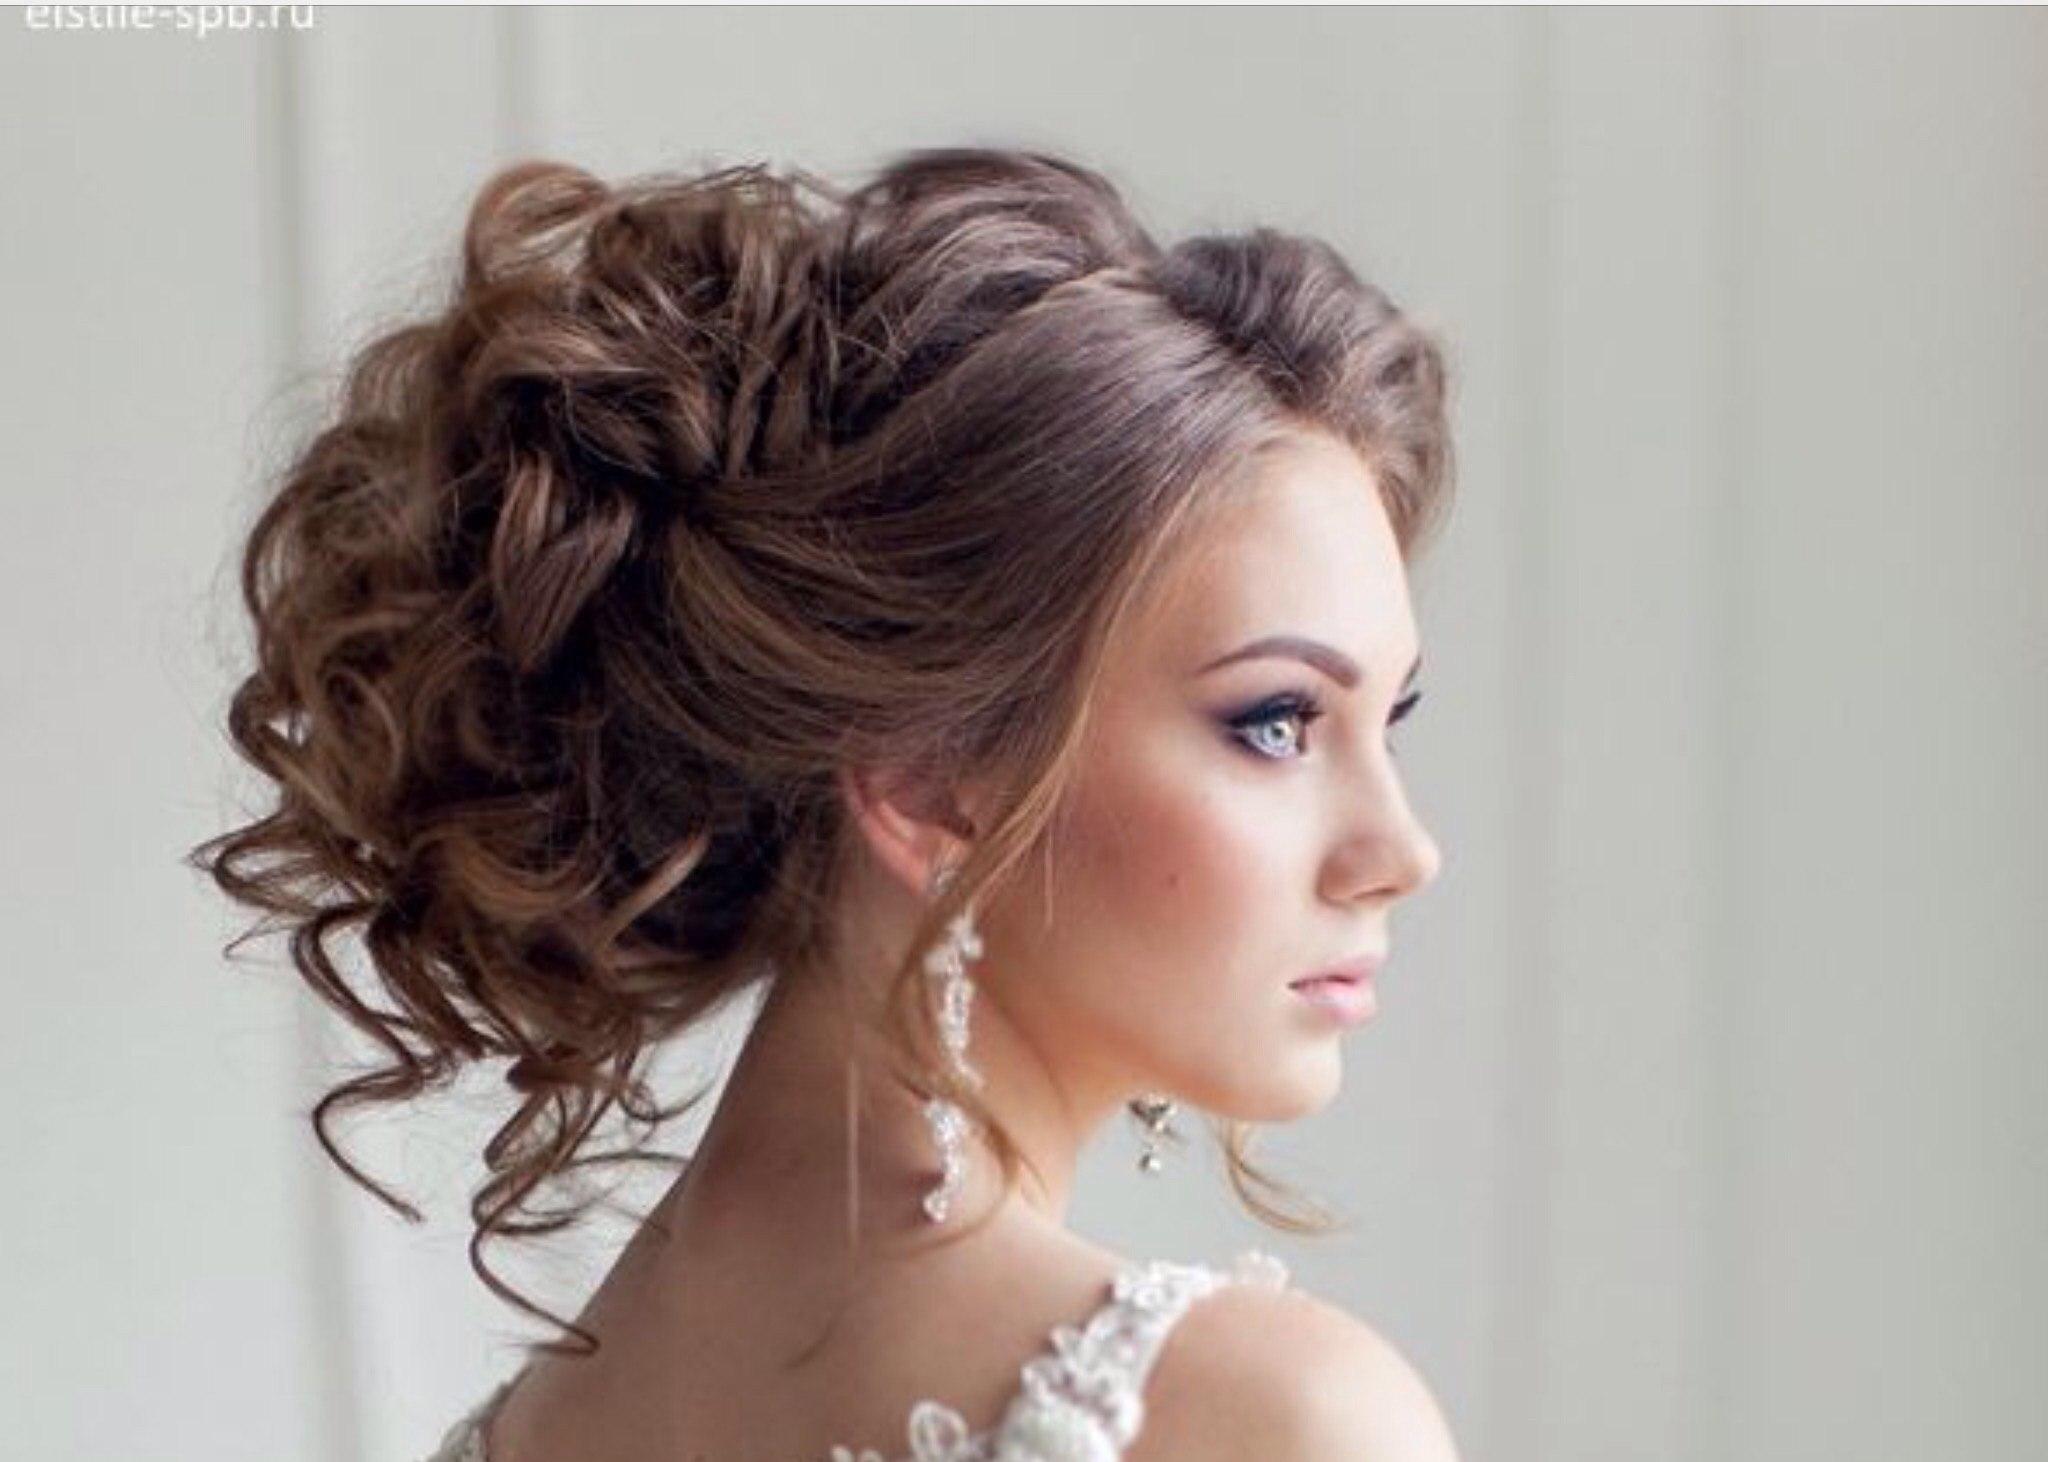 Причёска рванка на длинные волосы 53